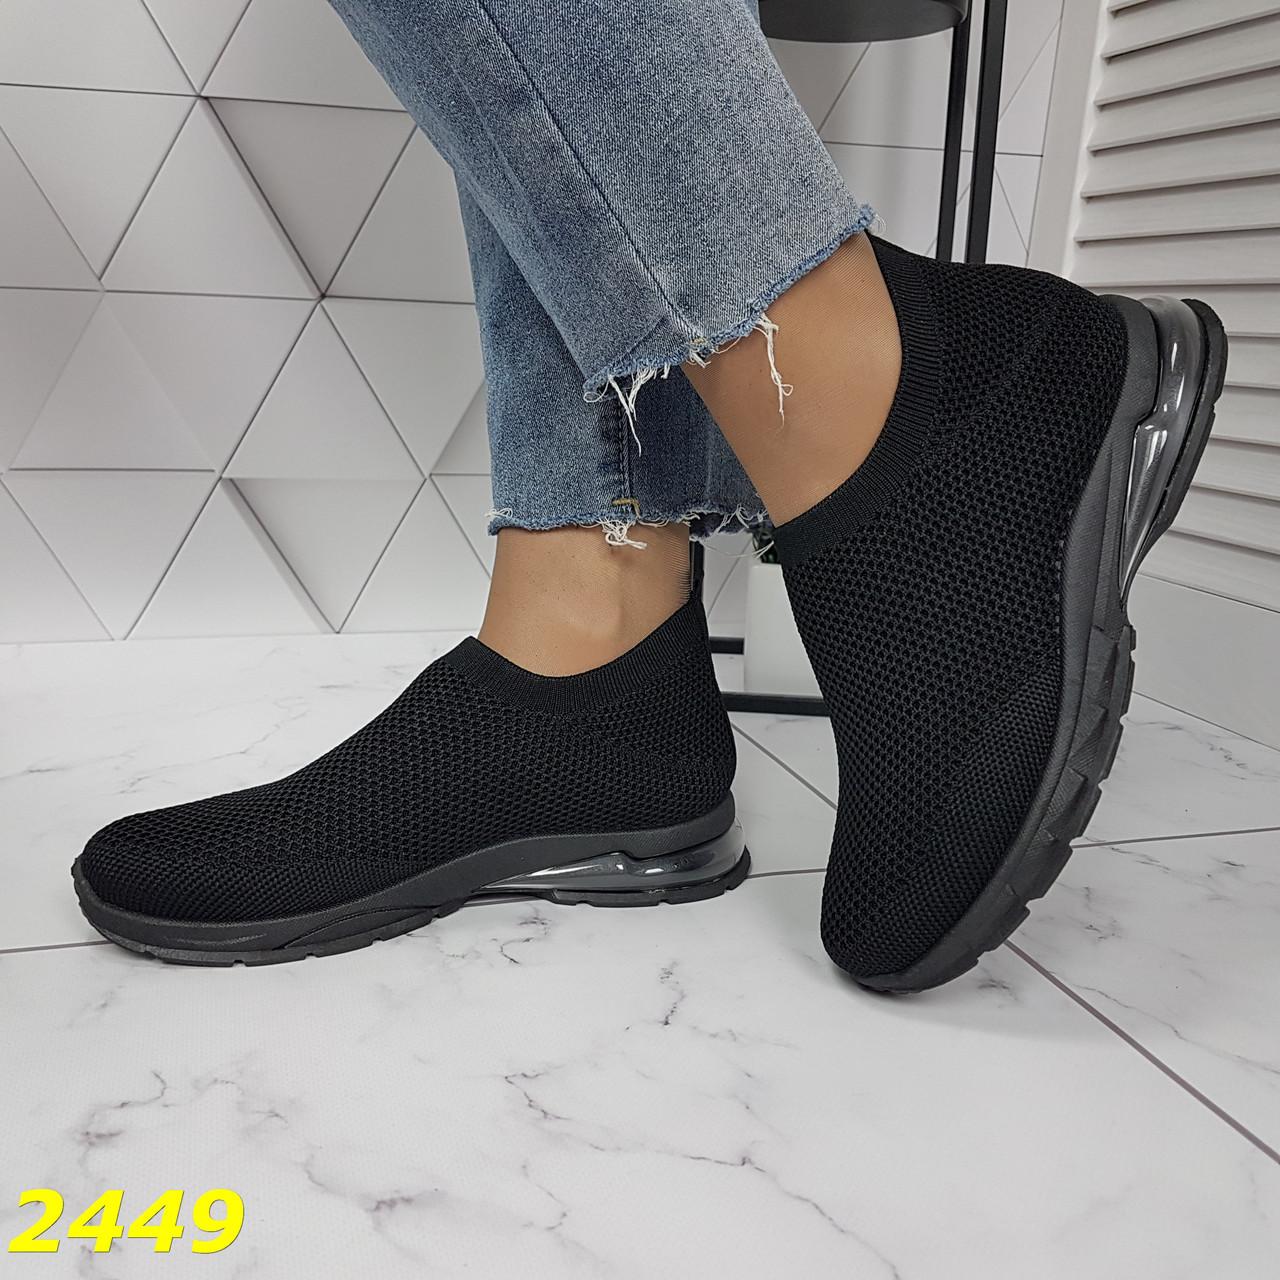 Кросівки чорні текстильні з компенсатором на амортизаторах легкі